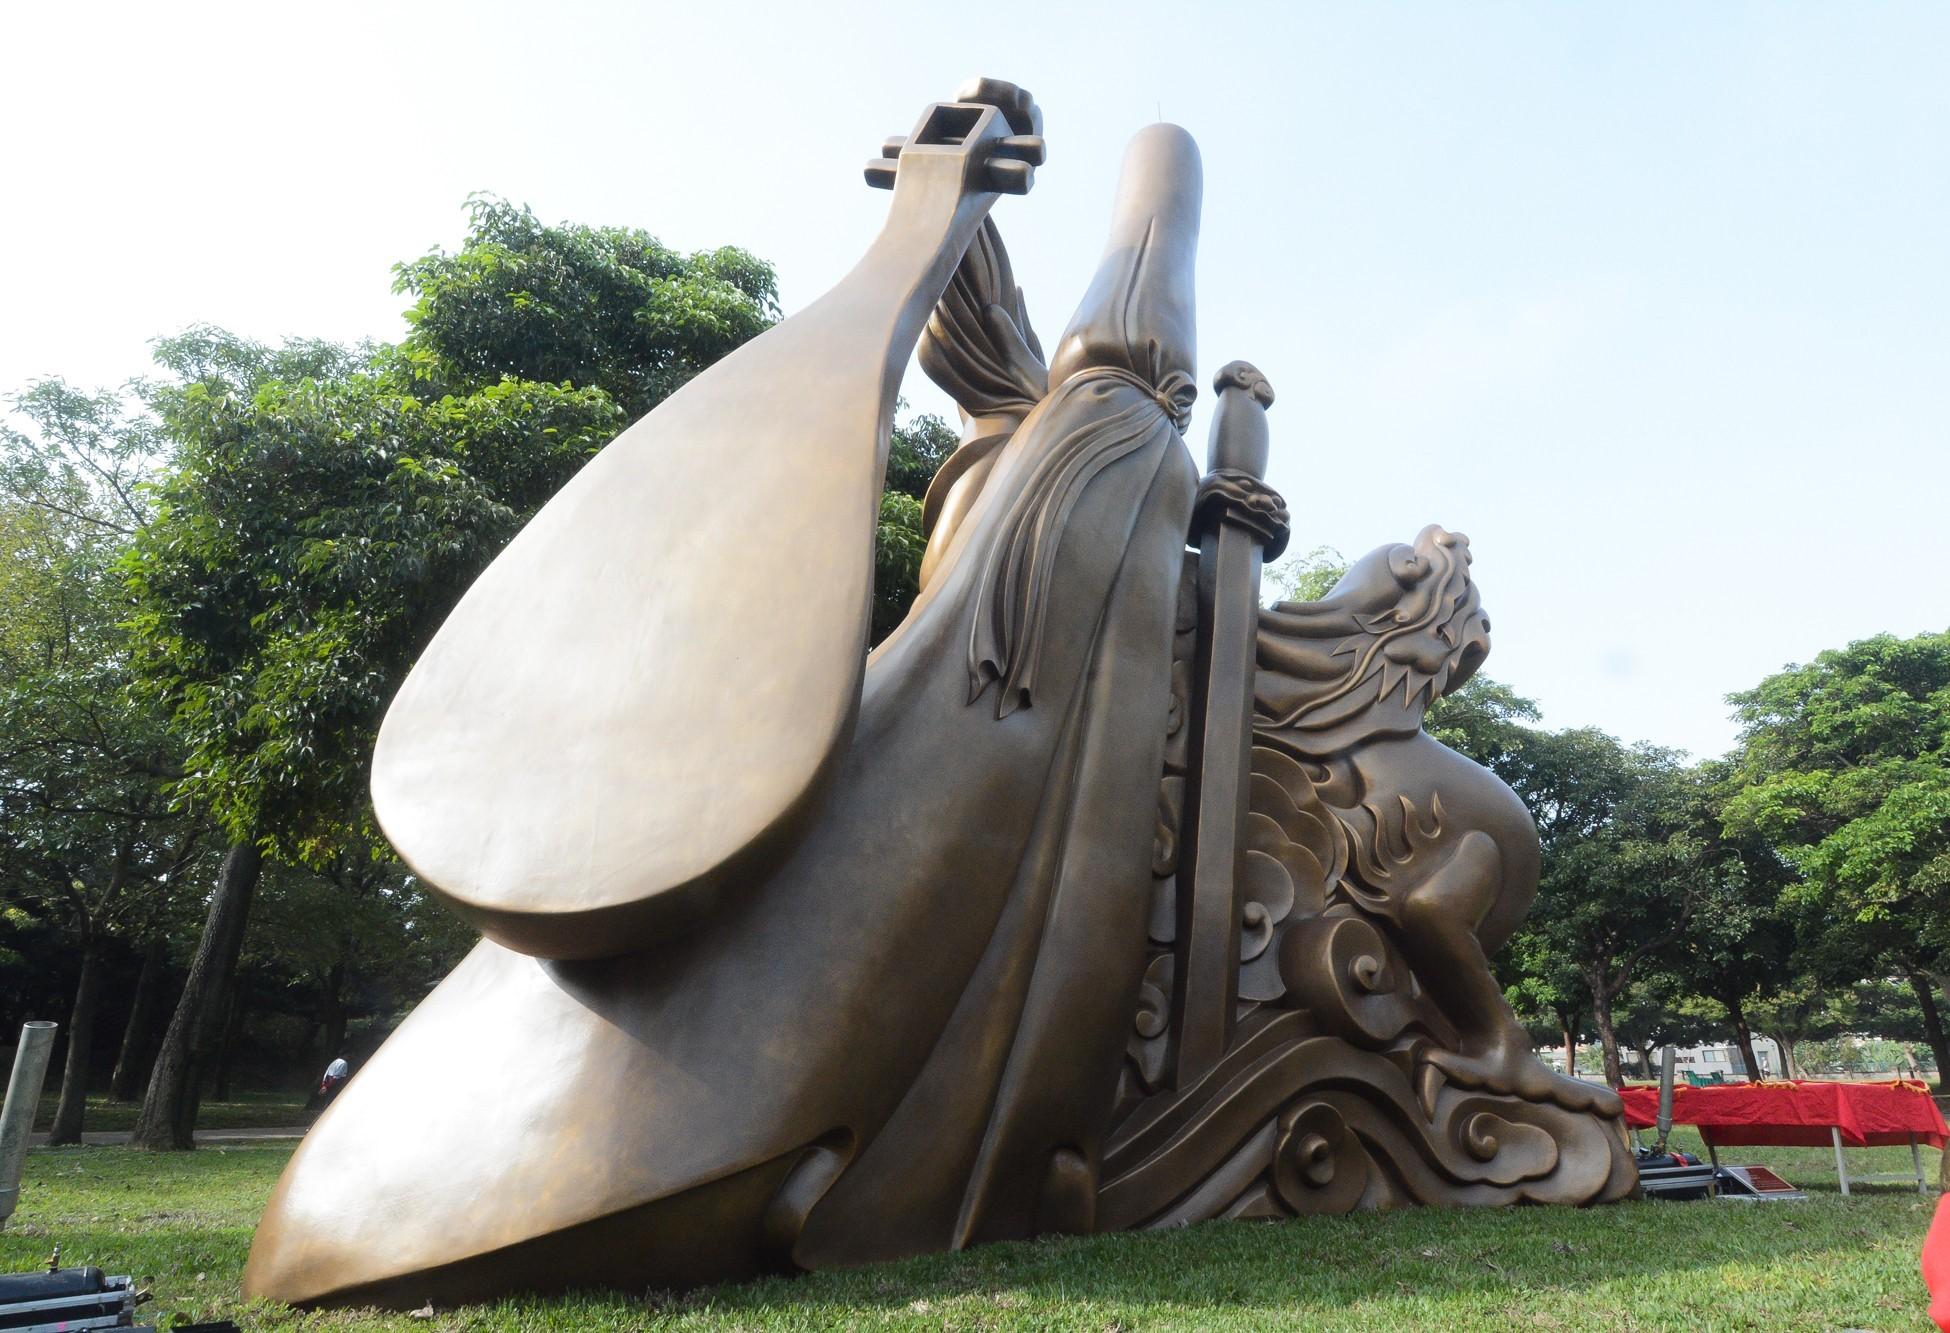 藝術家吳榮賜創作的大型公共藝術品「風調雨順」